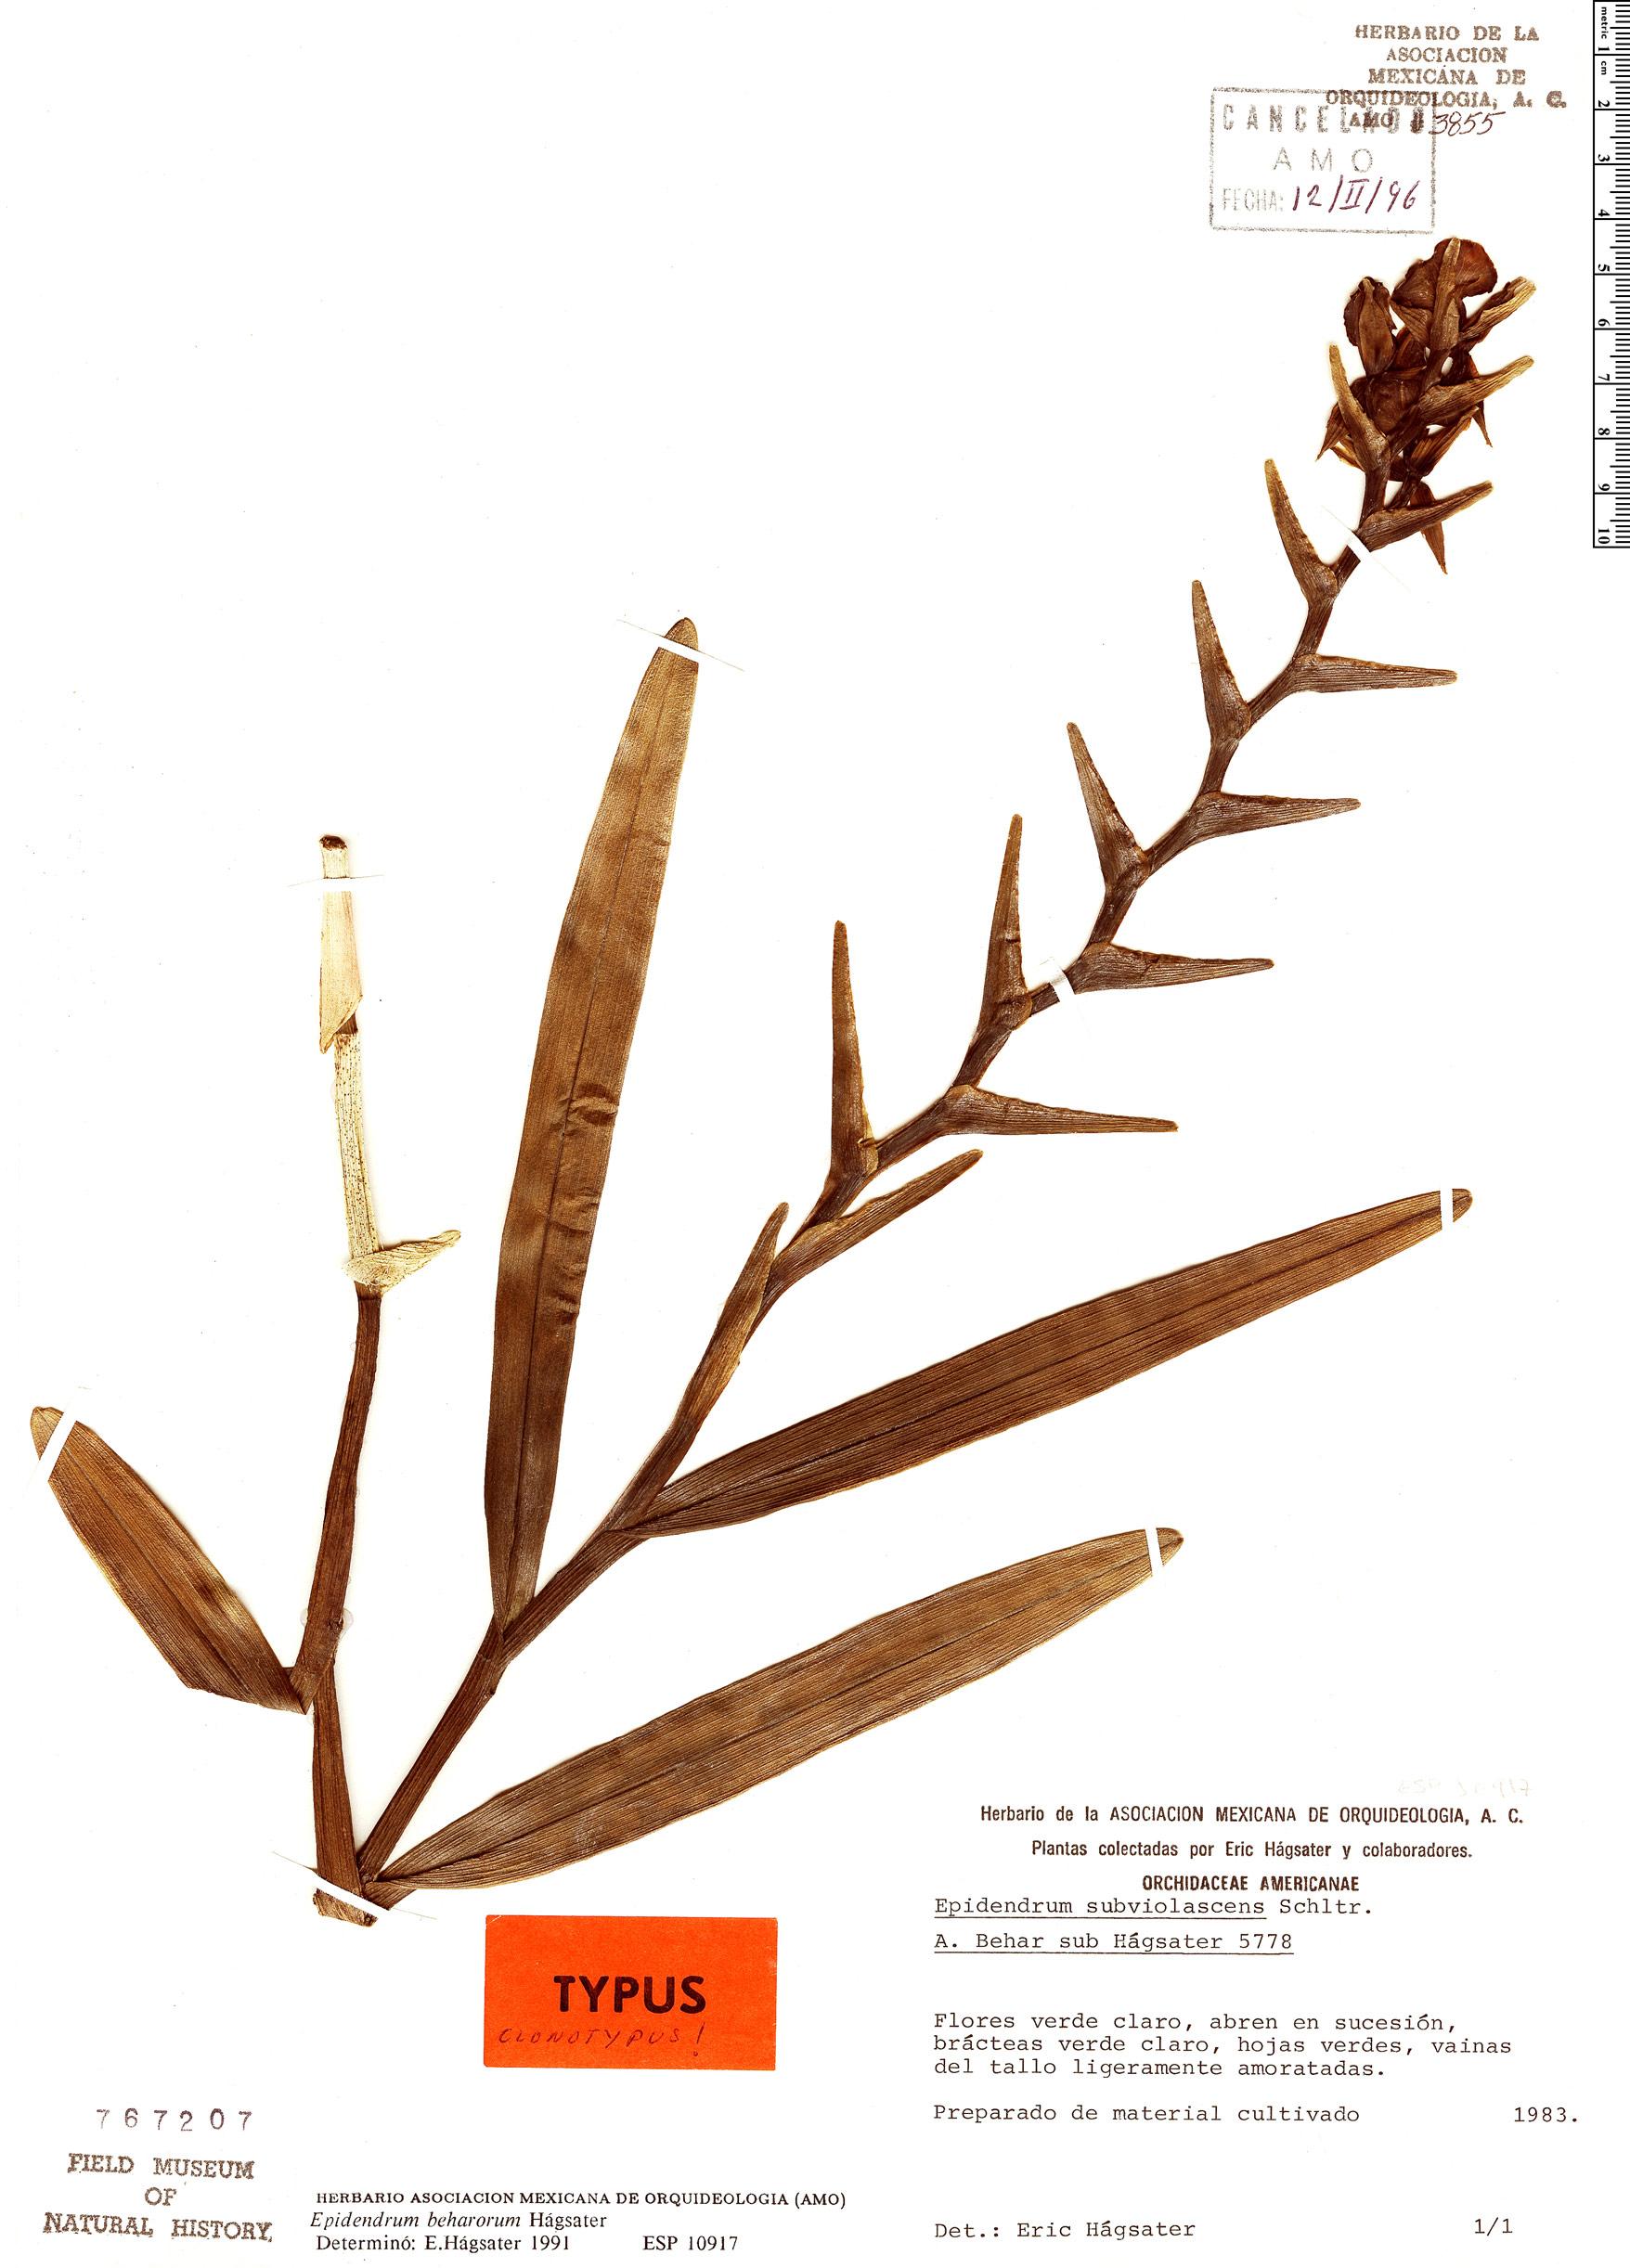 Specimen: Epidendrum beharorum